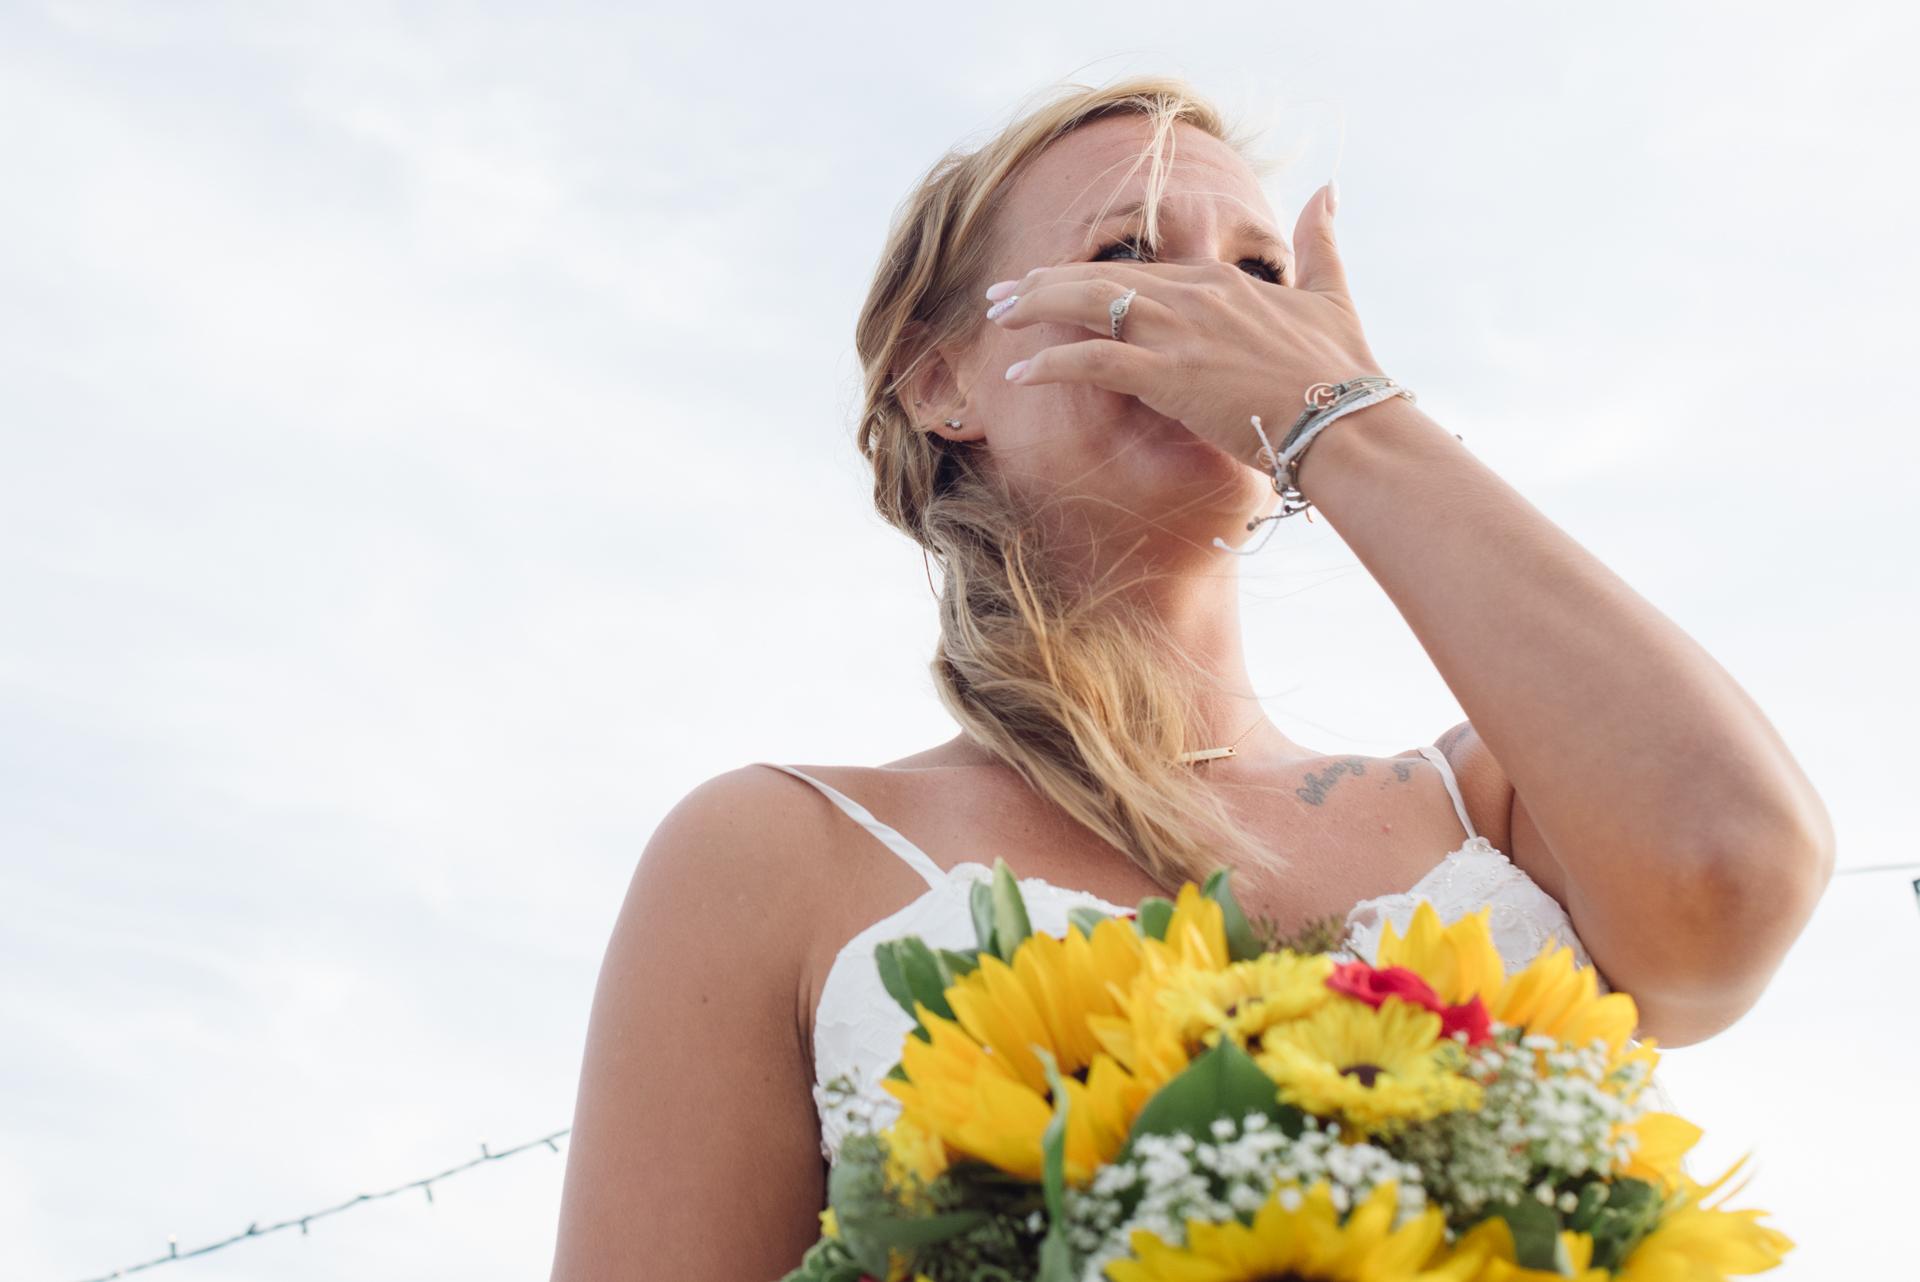 Sea Breeze, New Jersey Beach Elopement Fotos | Die Braut wischt sich die Tränen ab, während sie während ihrer Hochzeitszeremonie emotional wird